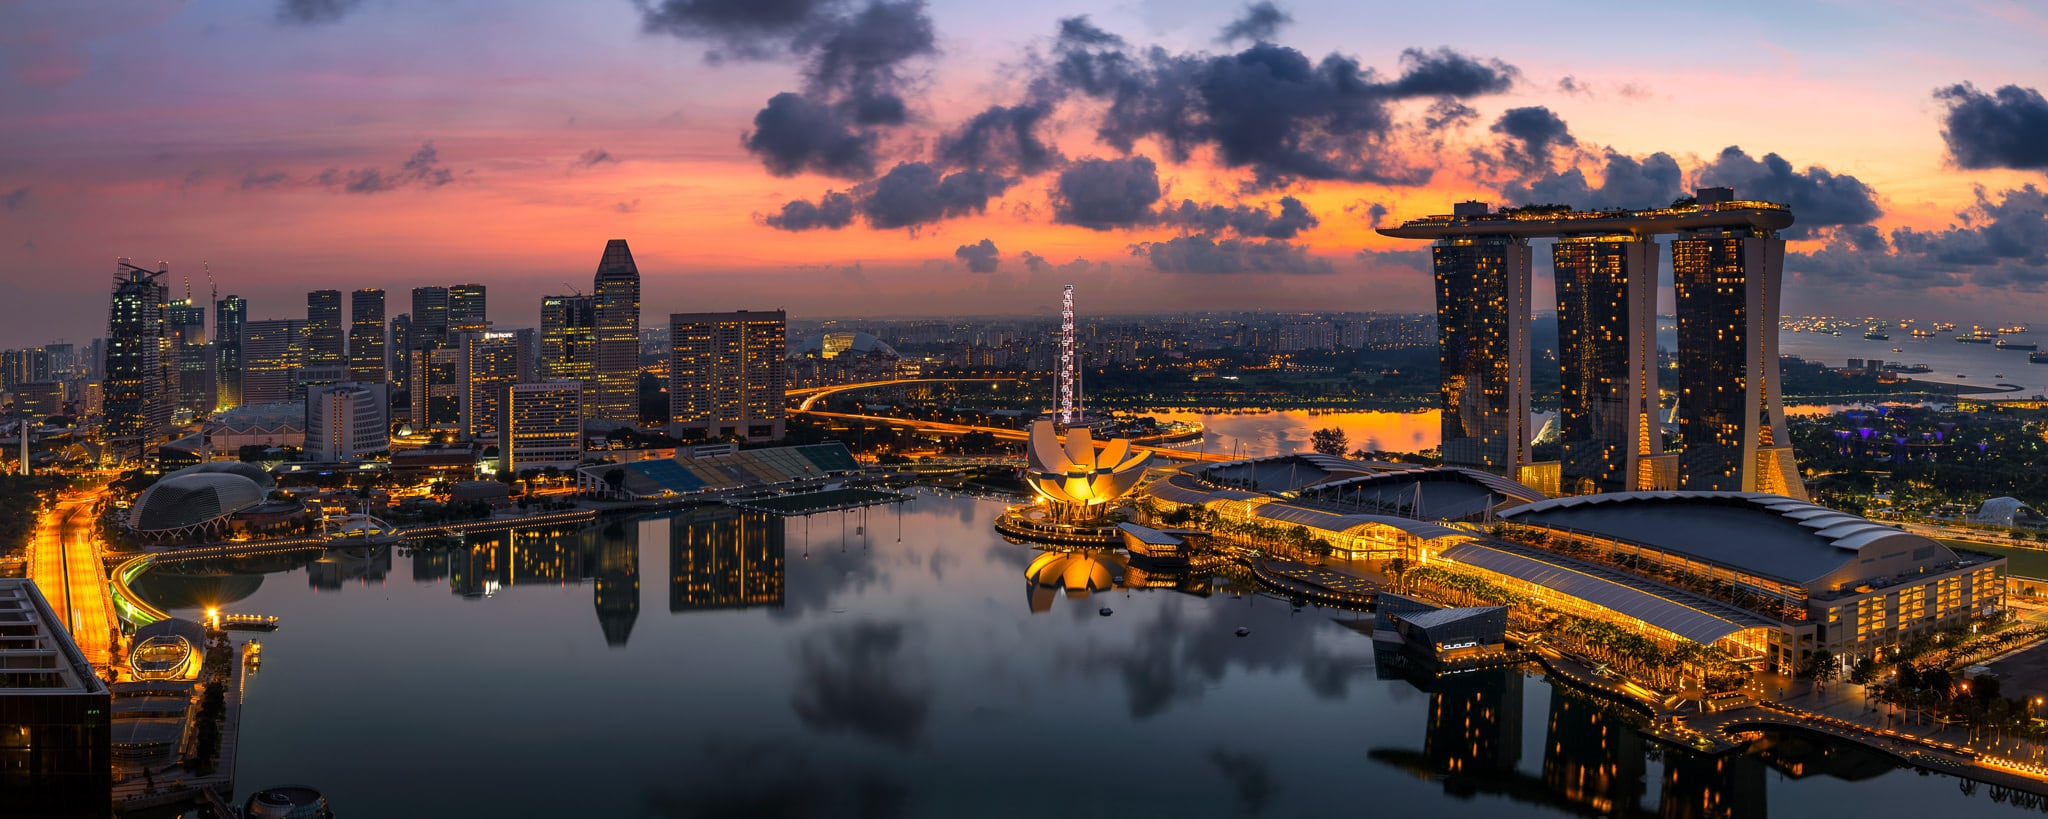 Panoramiczny widok na marinę w Singapurze o wschodzie słońca | Singapur